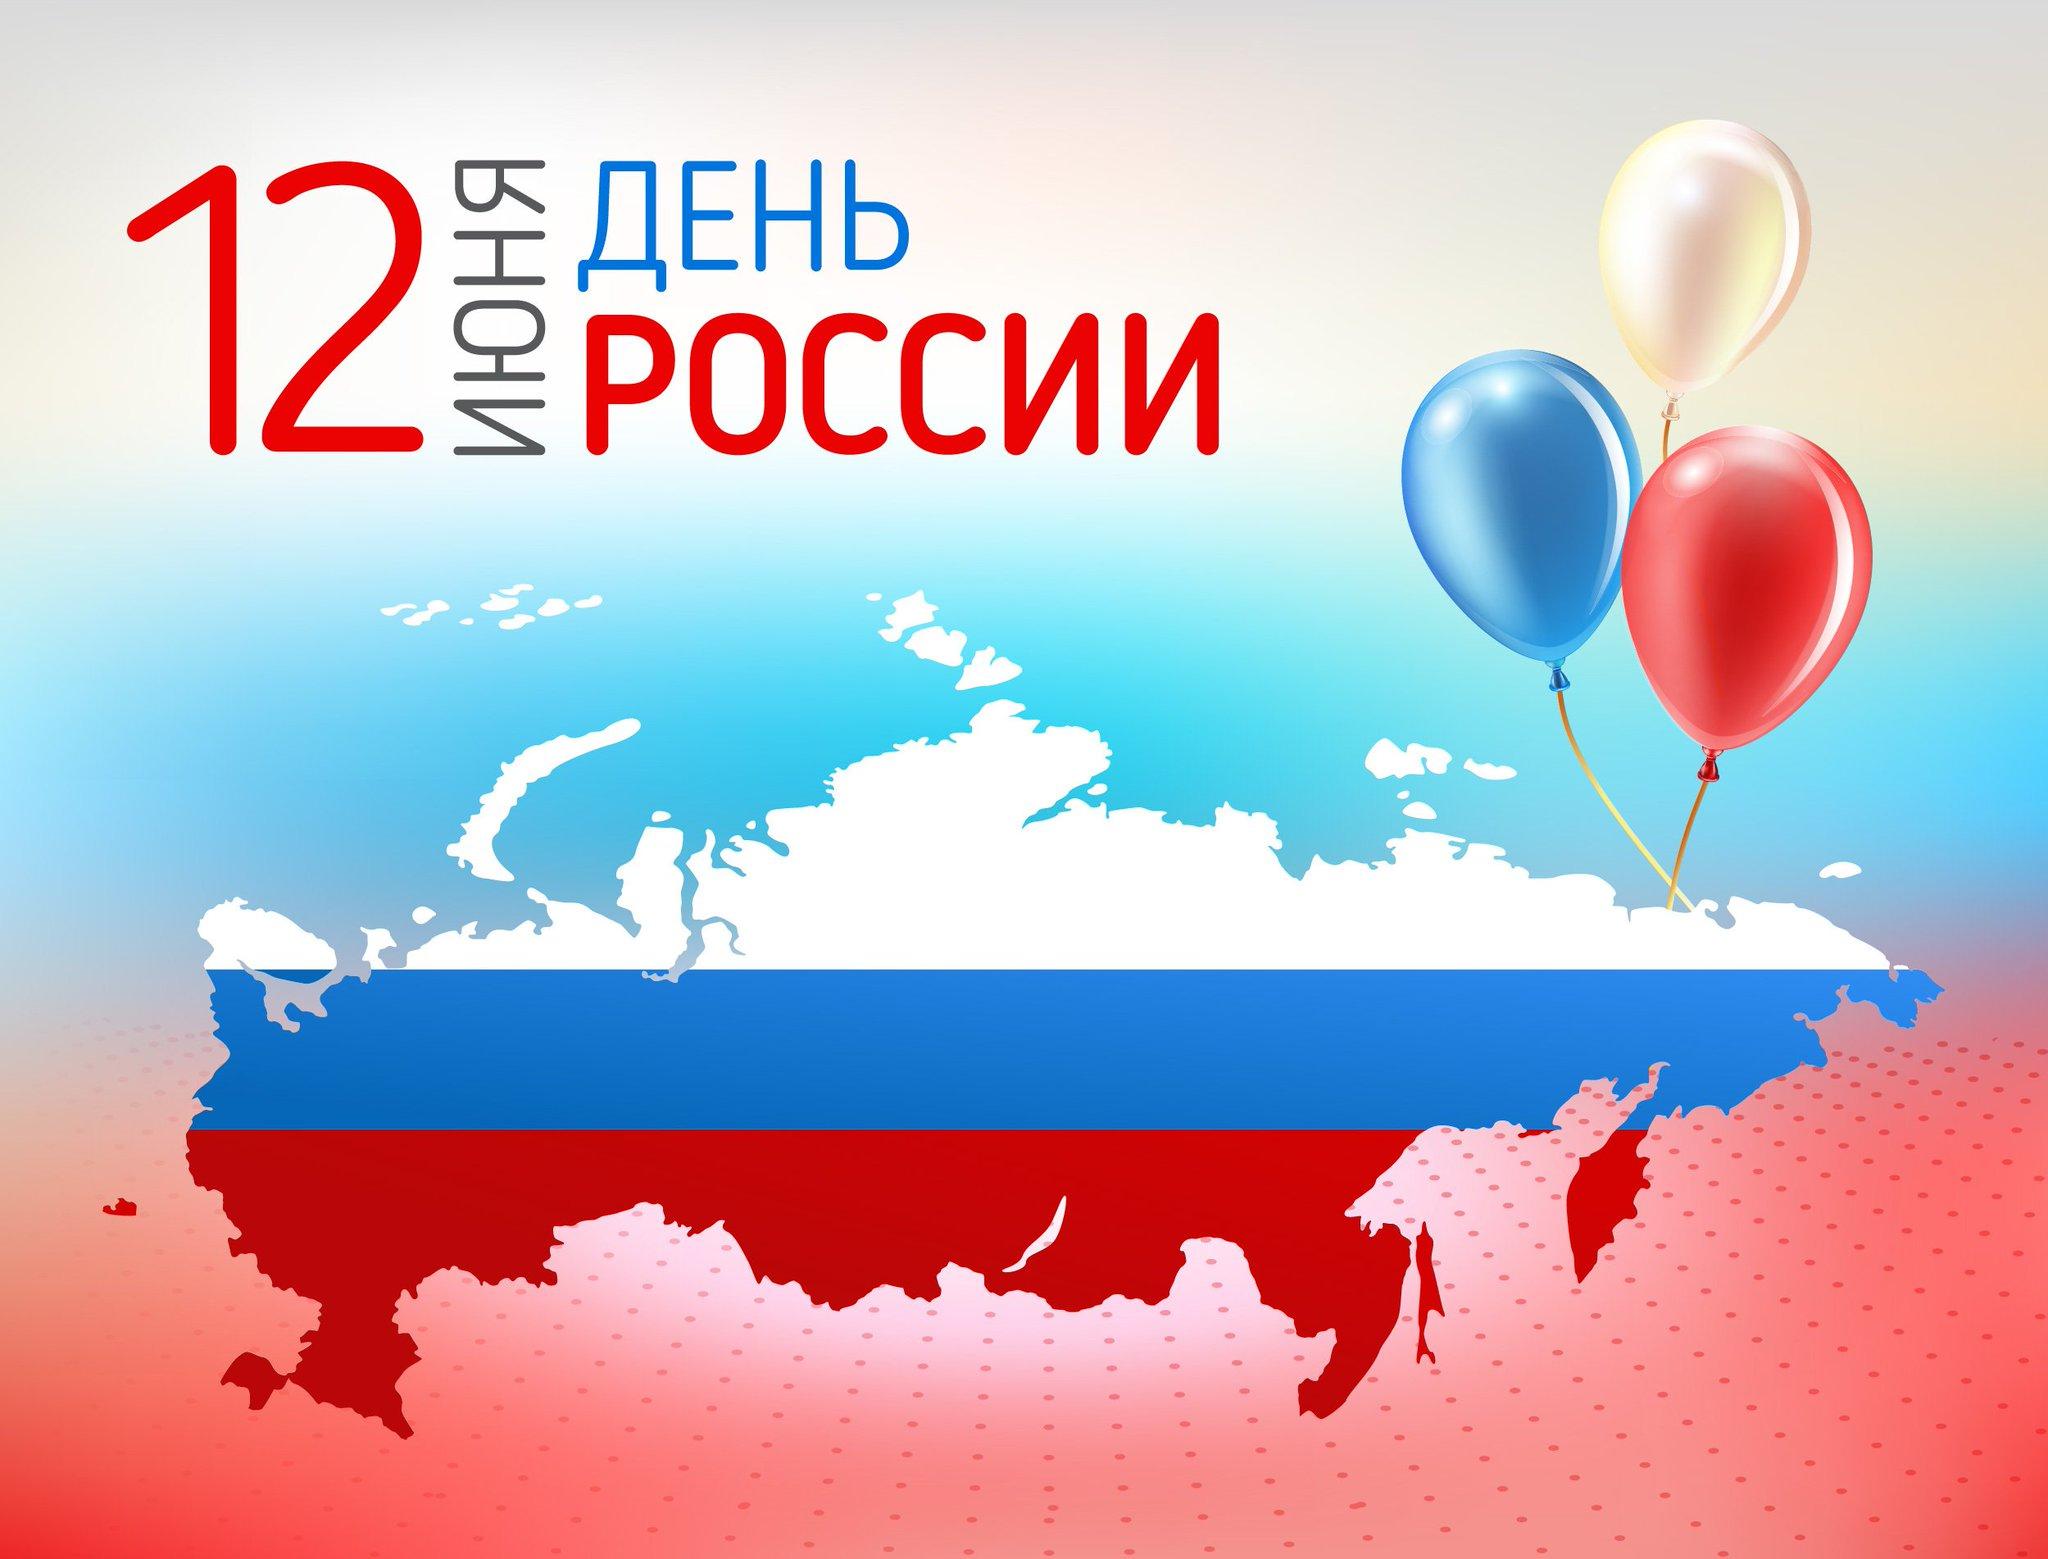 день россии картинка для афиши касается вопроса автора